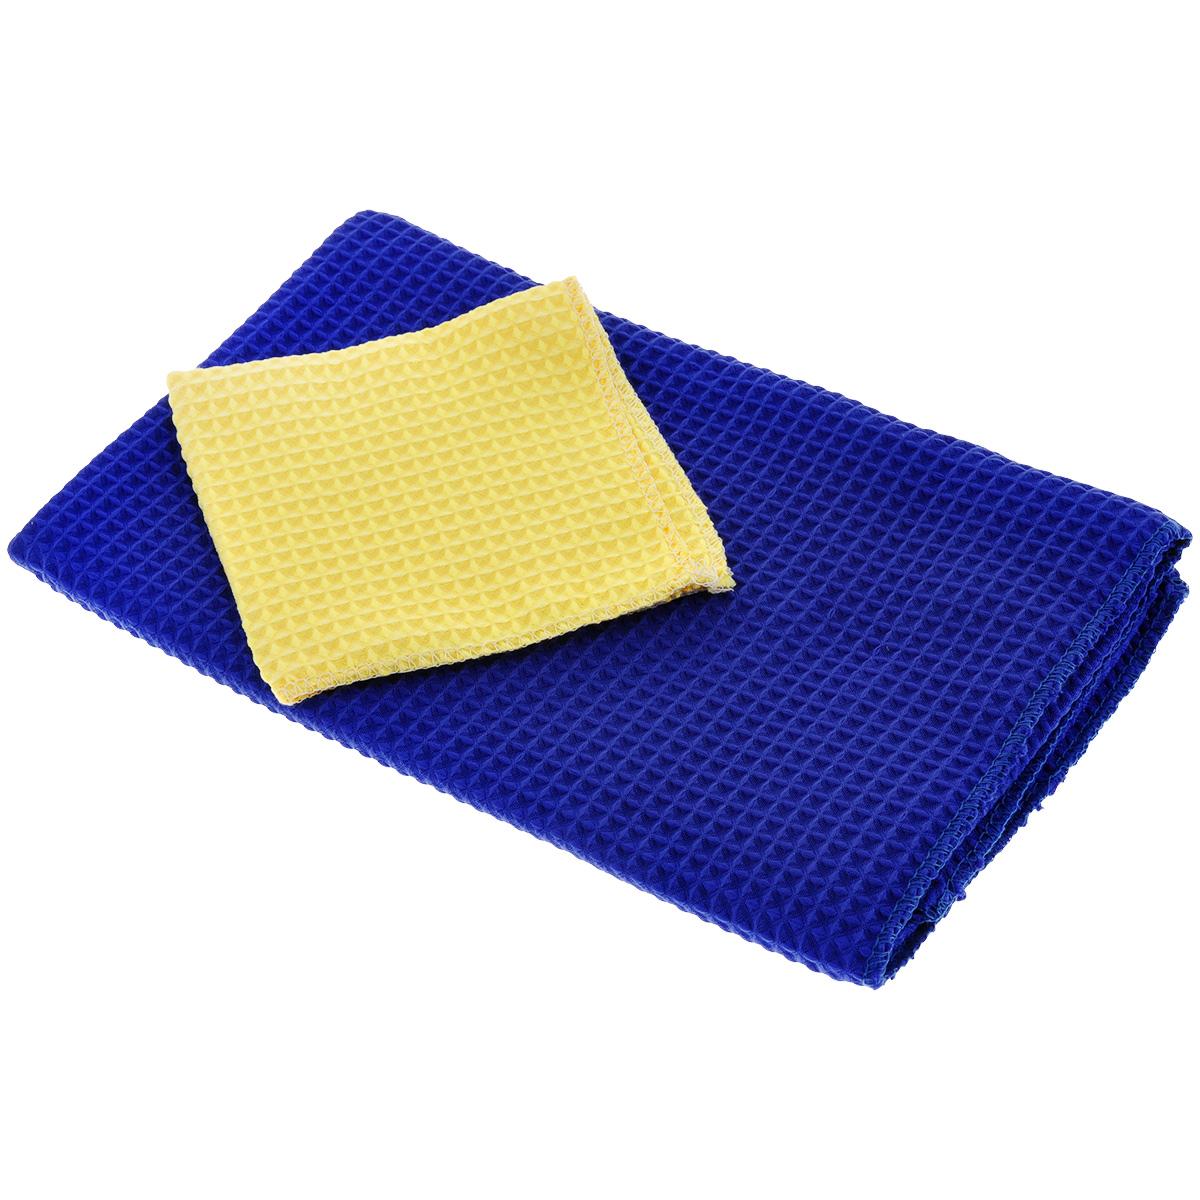 Салфетки универсальные Eva, цвет: синий, желтый, 2 штЕ46Универсальные салфетки Eva, изготовленные из полиэстера и полиамида (полимикрофибры), обладают идеальными для ежедневной уборки свойствами. Они прекрасно подходят, как для влажной, так и для сухой уборки. Не оставляют ворсинок и разводов, прекрасно впитывают воду, хорошо стираются и сохраняют свои свойства после многократного использования. Идеально подходят для любых поверхностей. Полимикрофибра - уникальный по свойствам материал, сочетающий в себе удивительную мягкость, прочность и влагоемкость. Не случайно эта ткань завоевала любовь домохозяек во всем мире. Салфеткой из полимикрофибры можно легко и быстро очистить любую поверхность без лишних усилий. В комплекте - 2 салфетки разного размера. Размер салфеток: 23 см х 23 см; 60 см х 48 см.